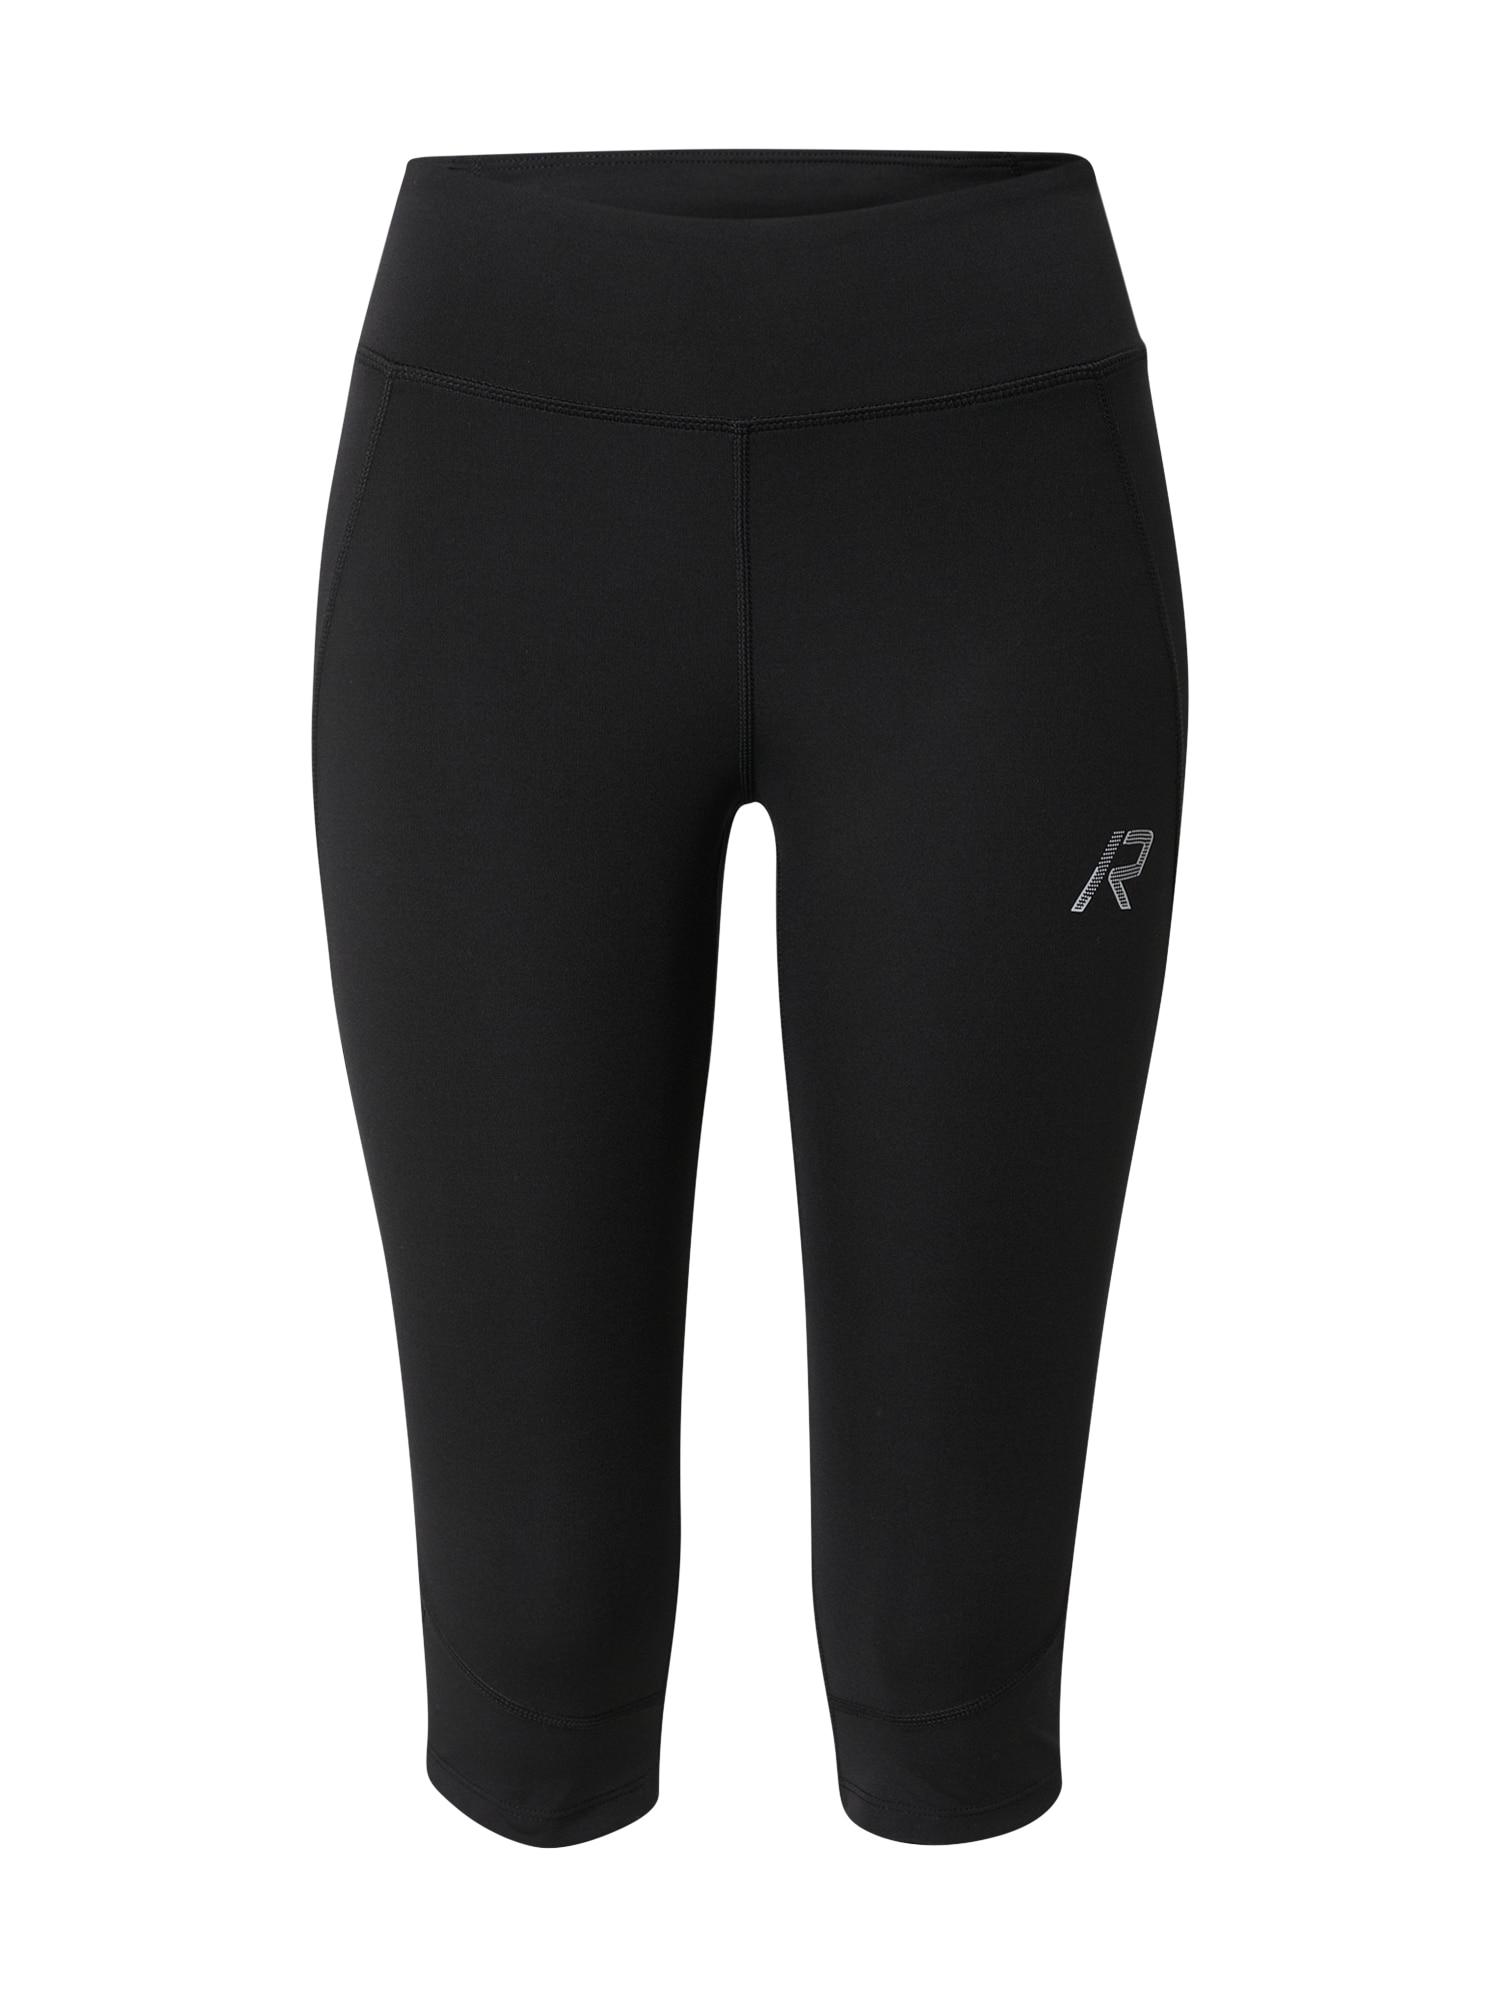 Rukka Sportinės kelnės 'MAAVESI' juoda